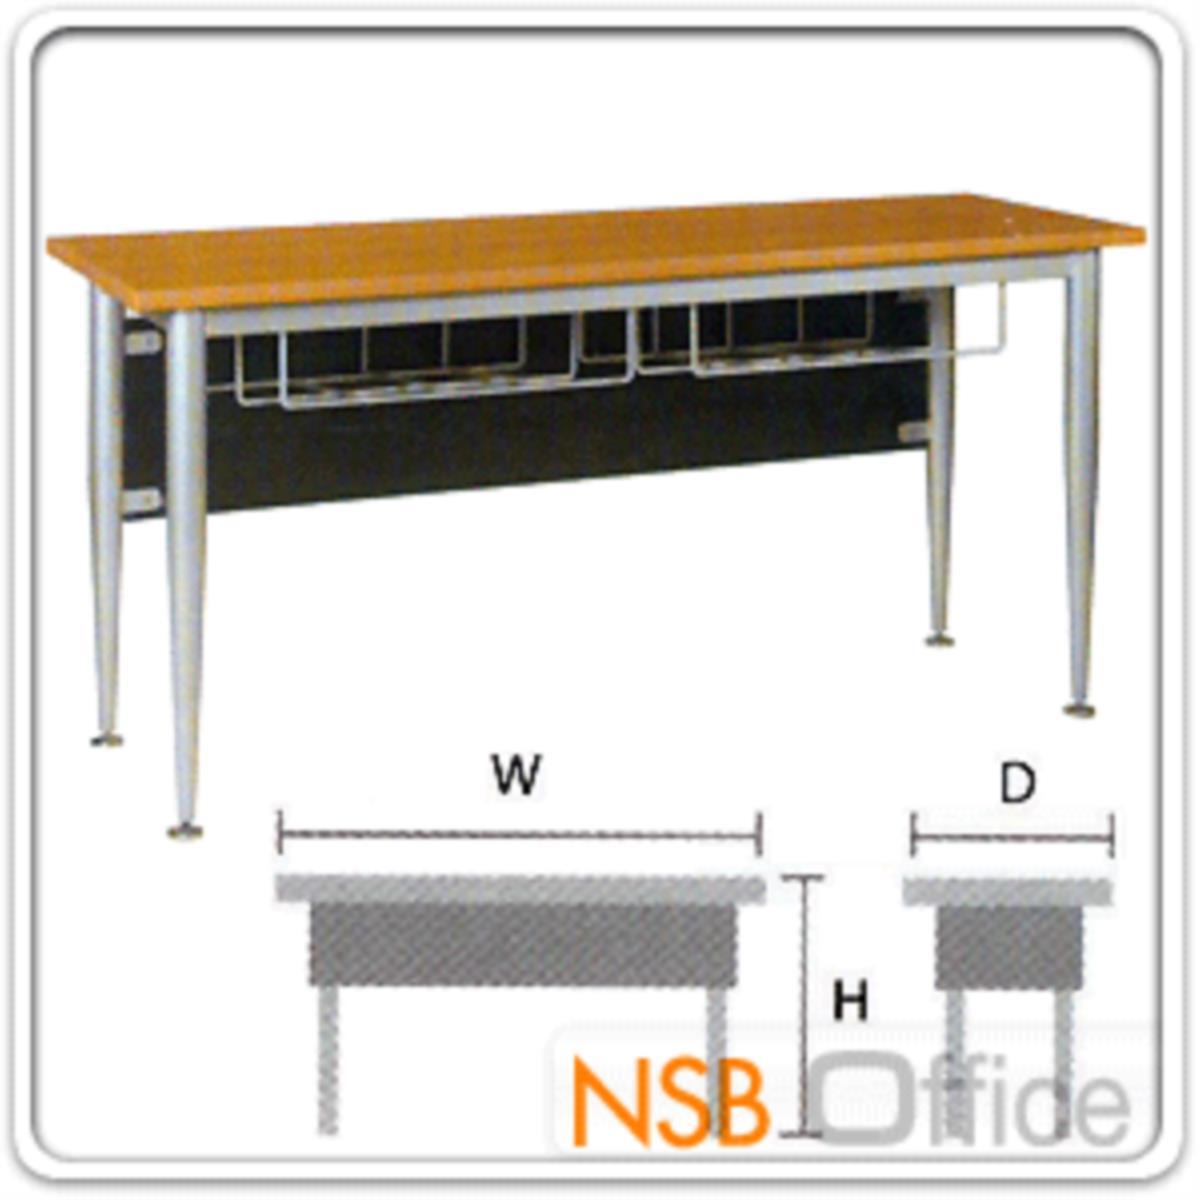 โต๊ะทำงาน มีตะแกรงใต้โต๊ะ รุ่น Nomos (โนมอส) ขนาด 120W ,150W ,180W cm.  ขาเหล็กพ่นบอร์นเงิน